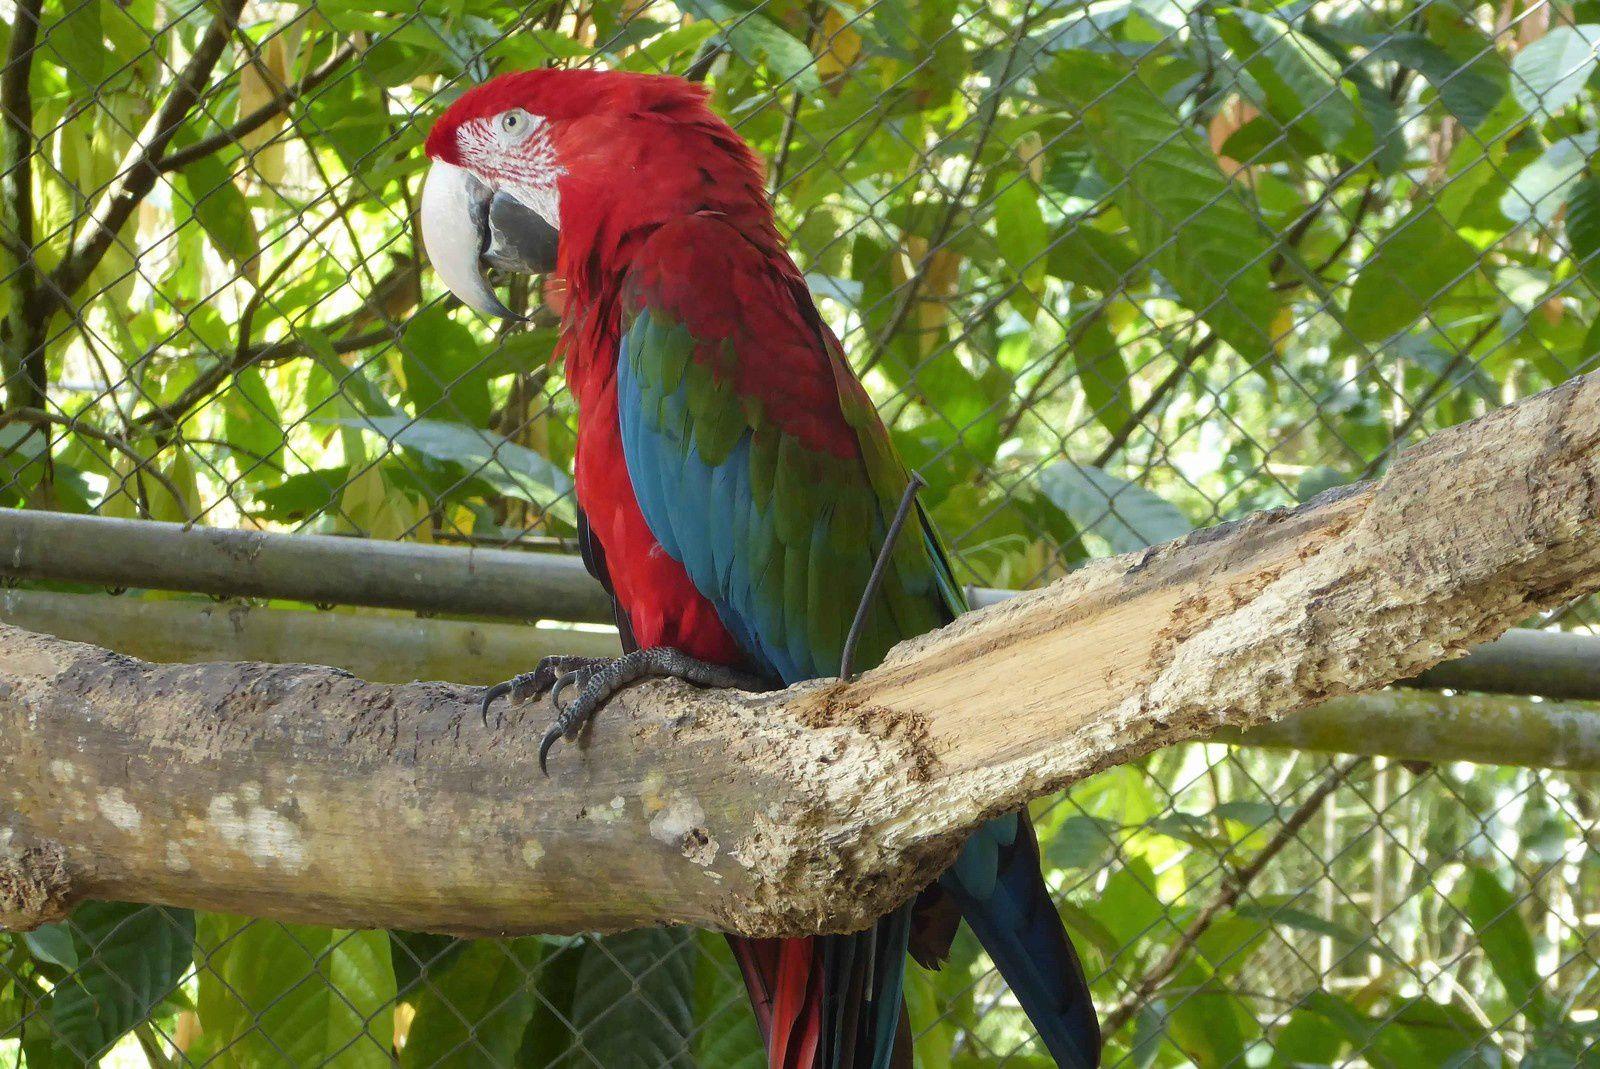 Pas sauvage pour un sou le perroquet (un ara ?) mais superbe !